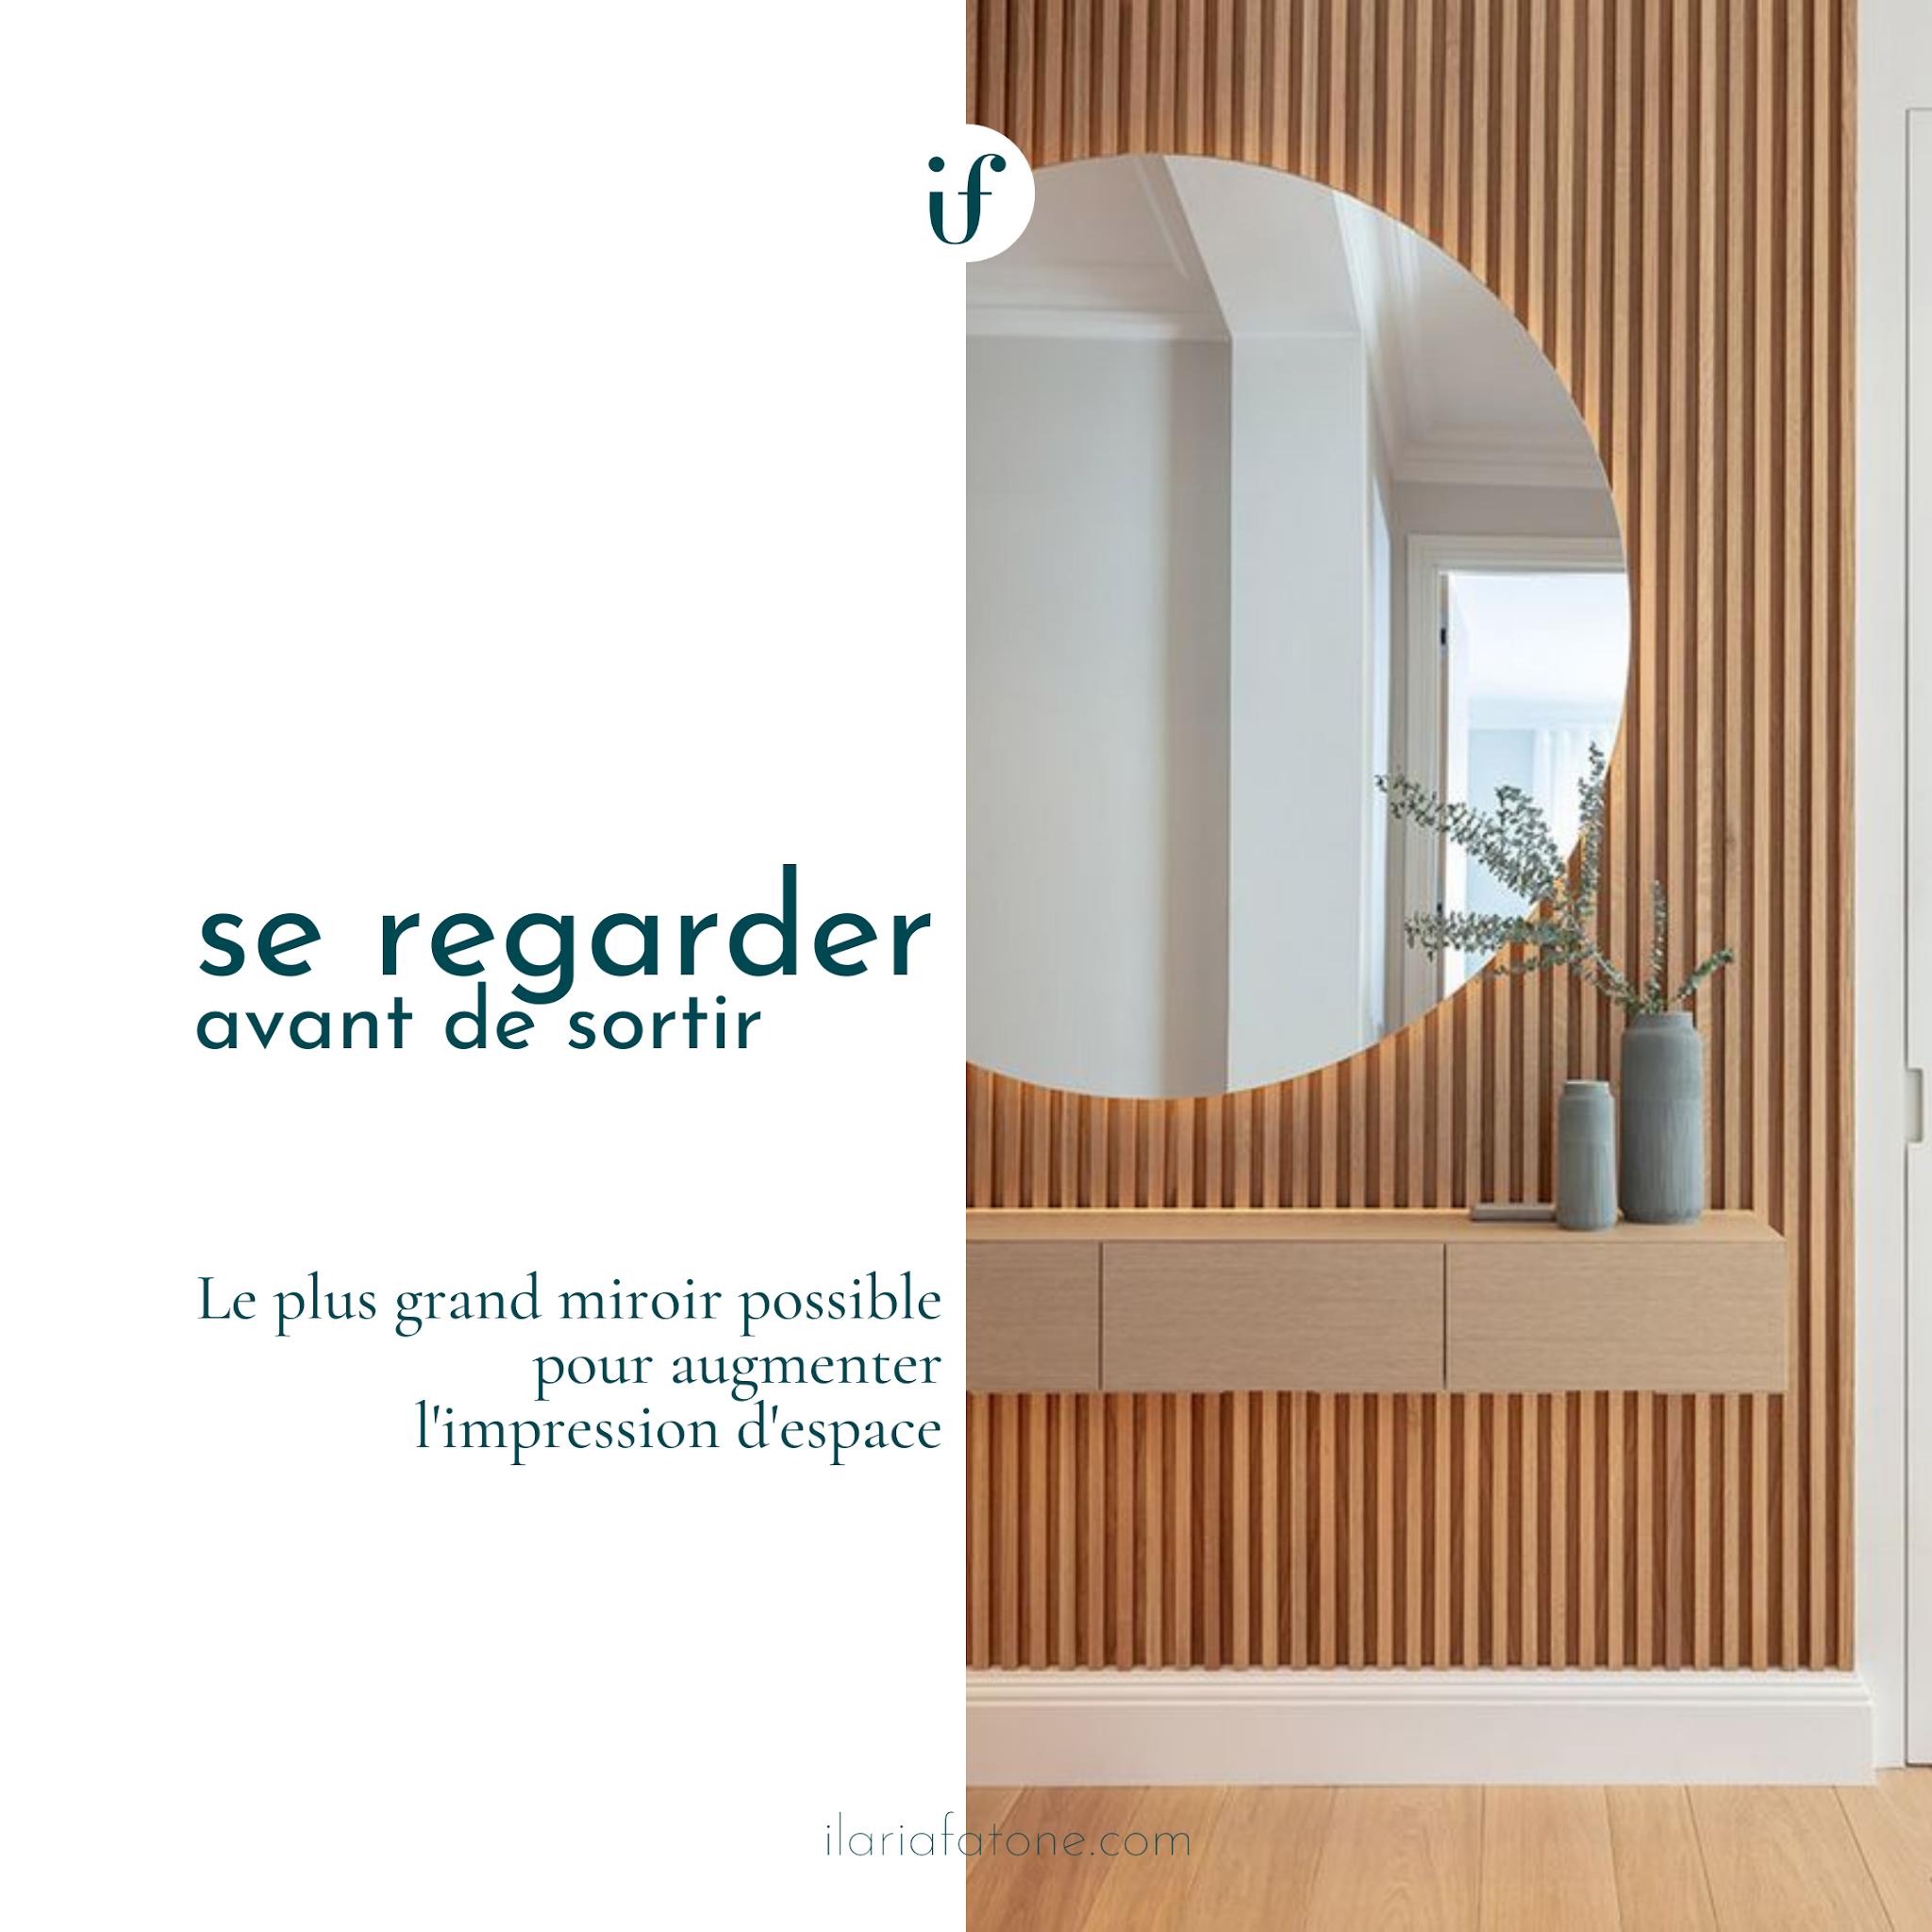 image d'une entrée avec grand miroir rond et parement en bois